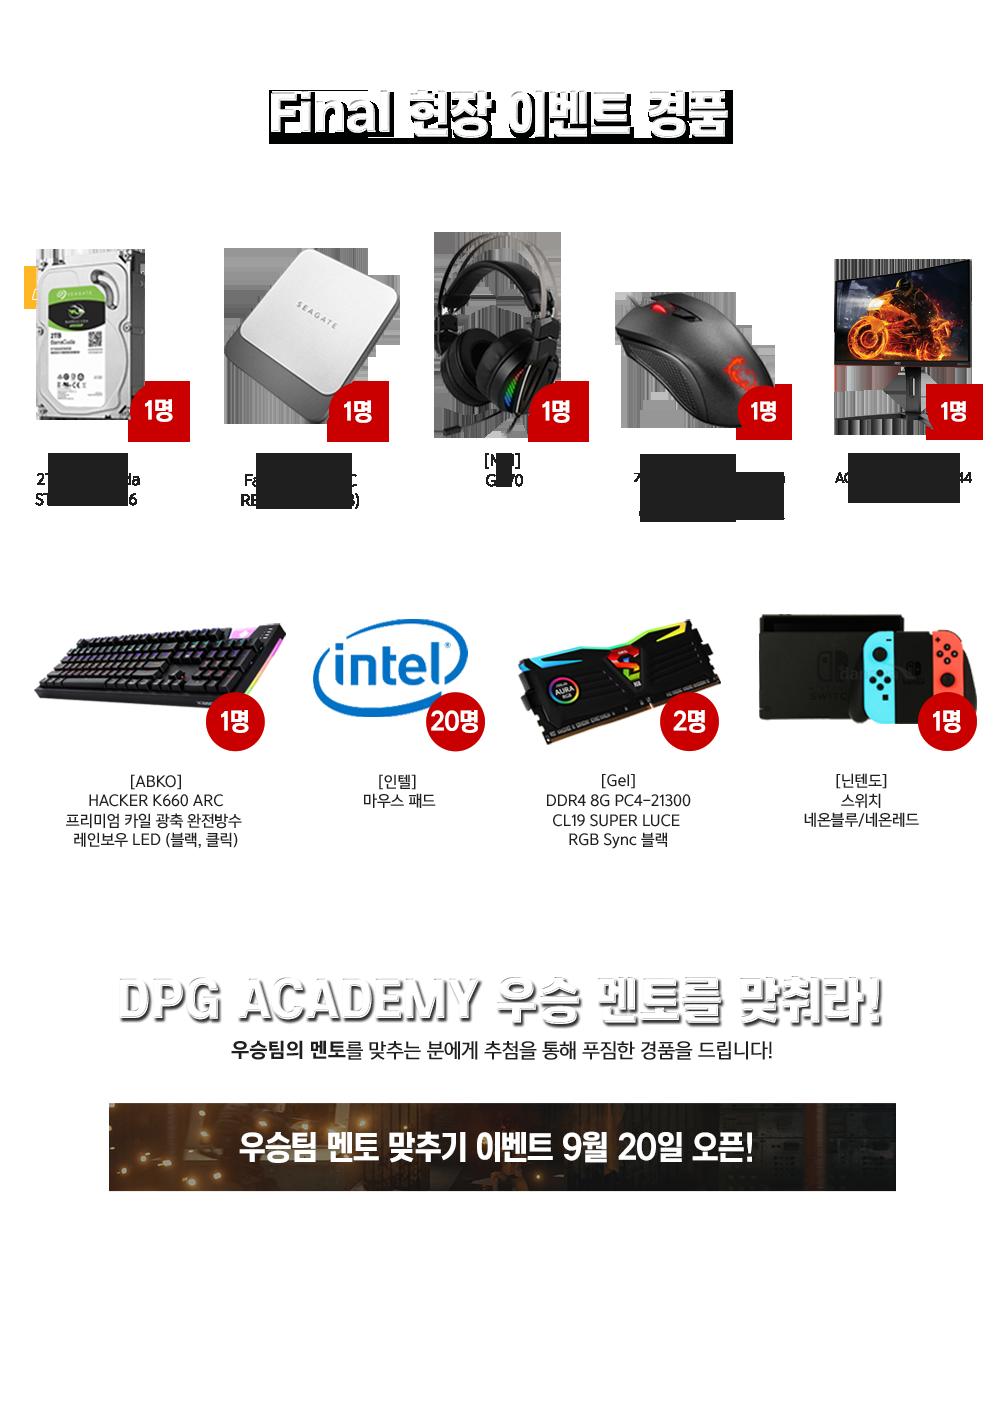 Final 현장 이벤트 경품/DPG ACADEMY 우승 멘토를 맞춰라!